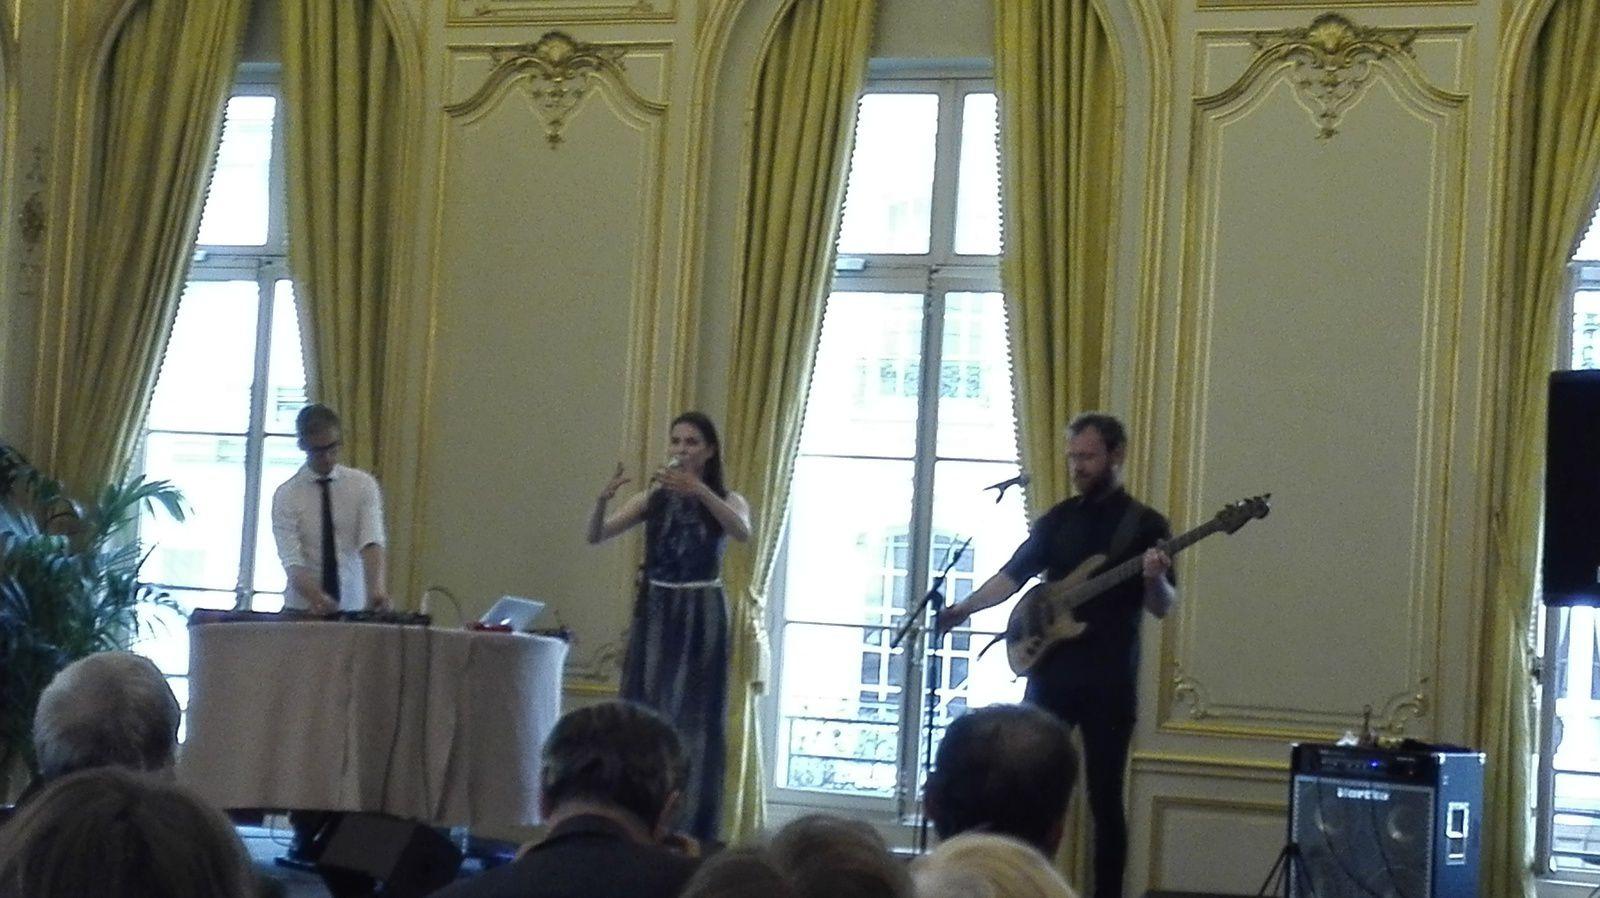 Cérémonie et concert d'ouverture à Paris de la présidence estonienne du Conseil de l'UE